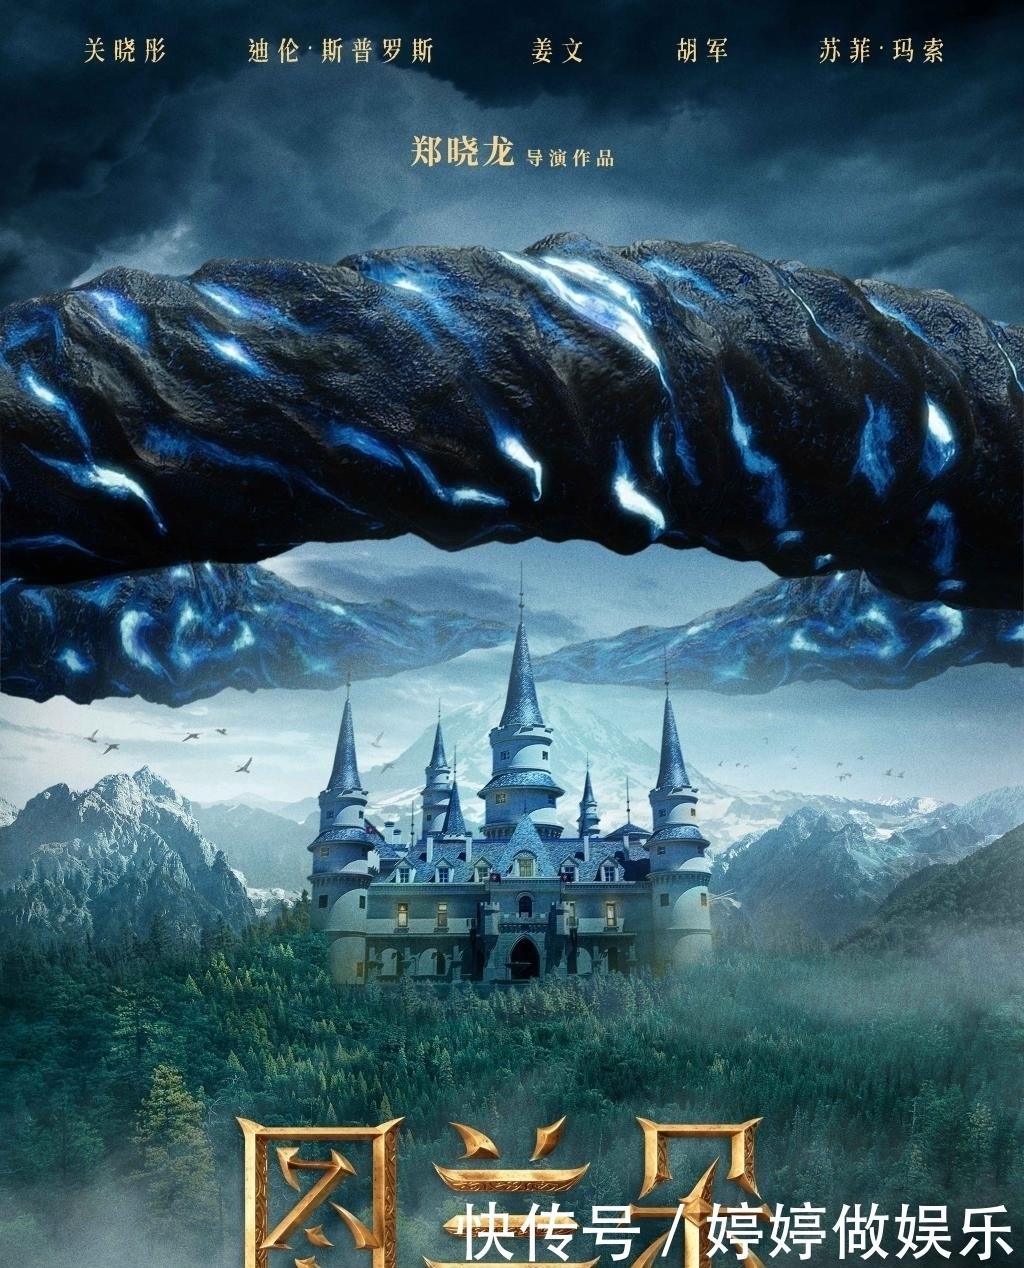 《图兰朵:魔咒缘起》电影百度云网盘完整无删减资源